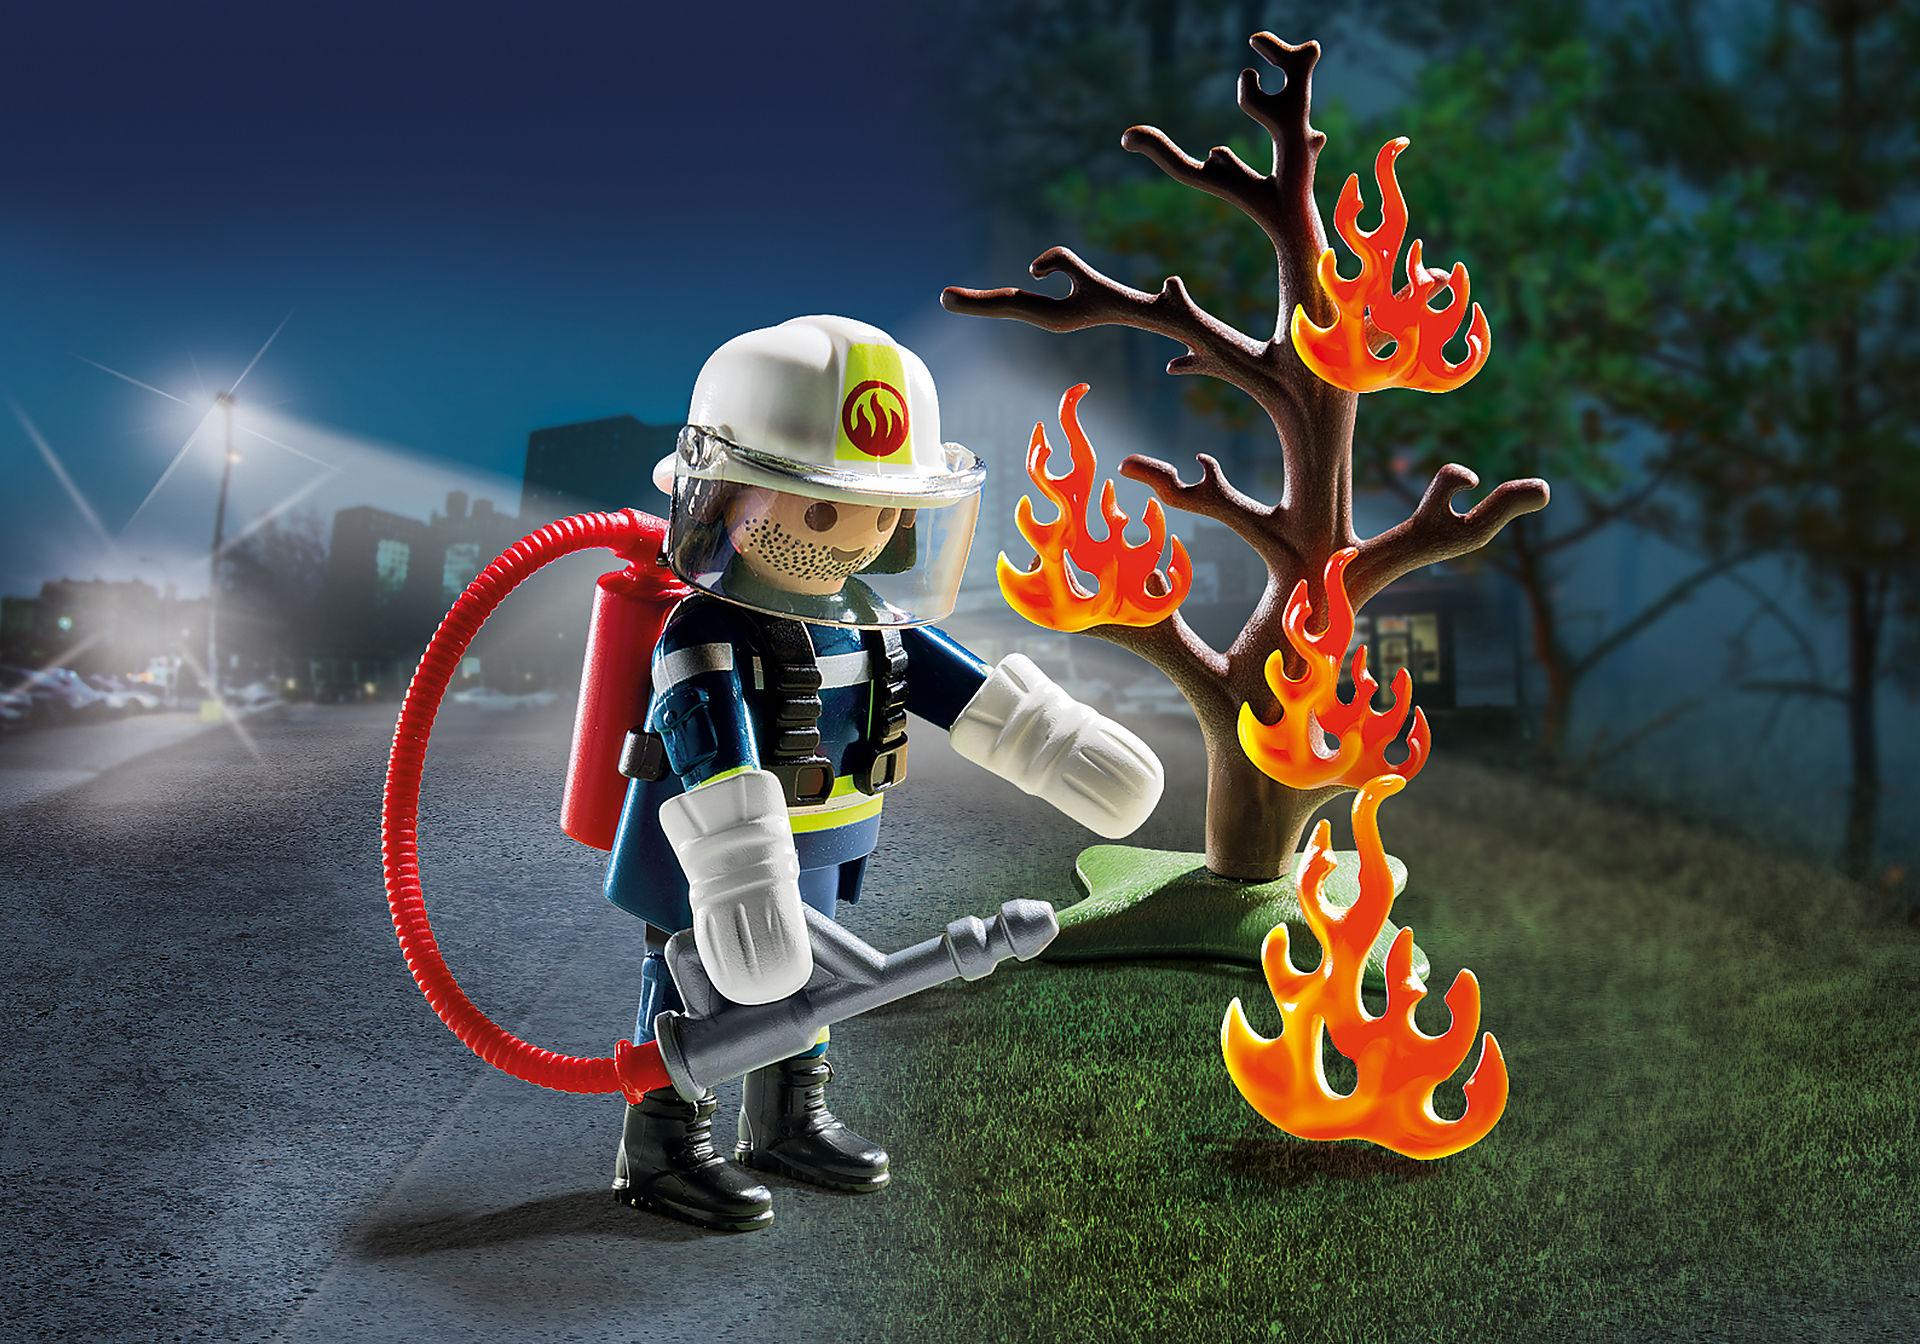 9093 Feuerwehr-Löscheinsatz zoom image1